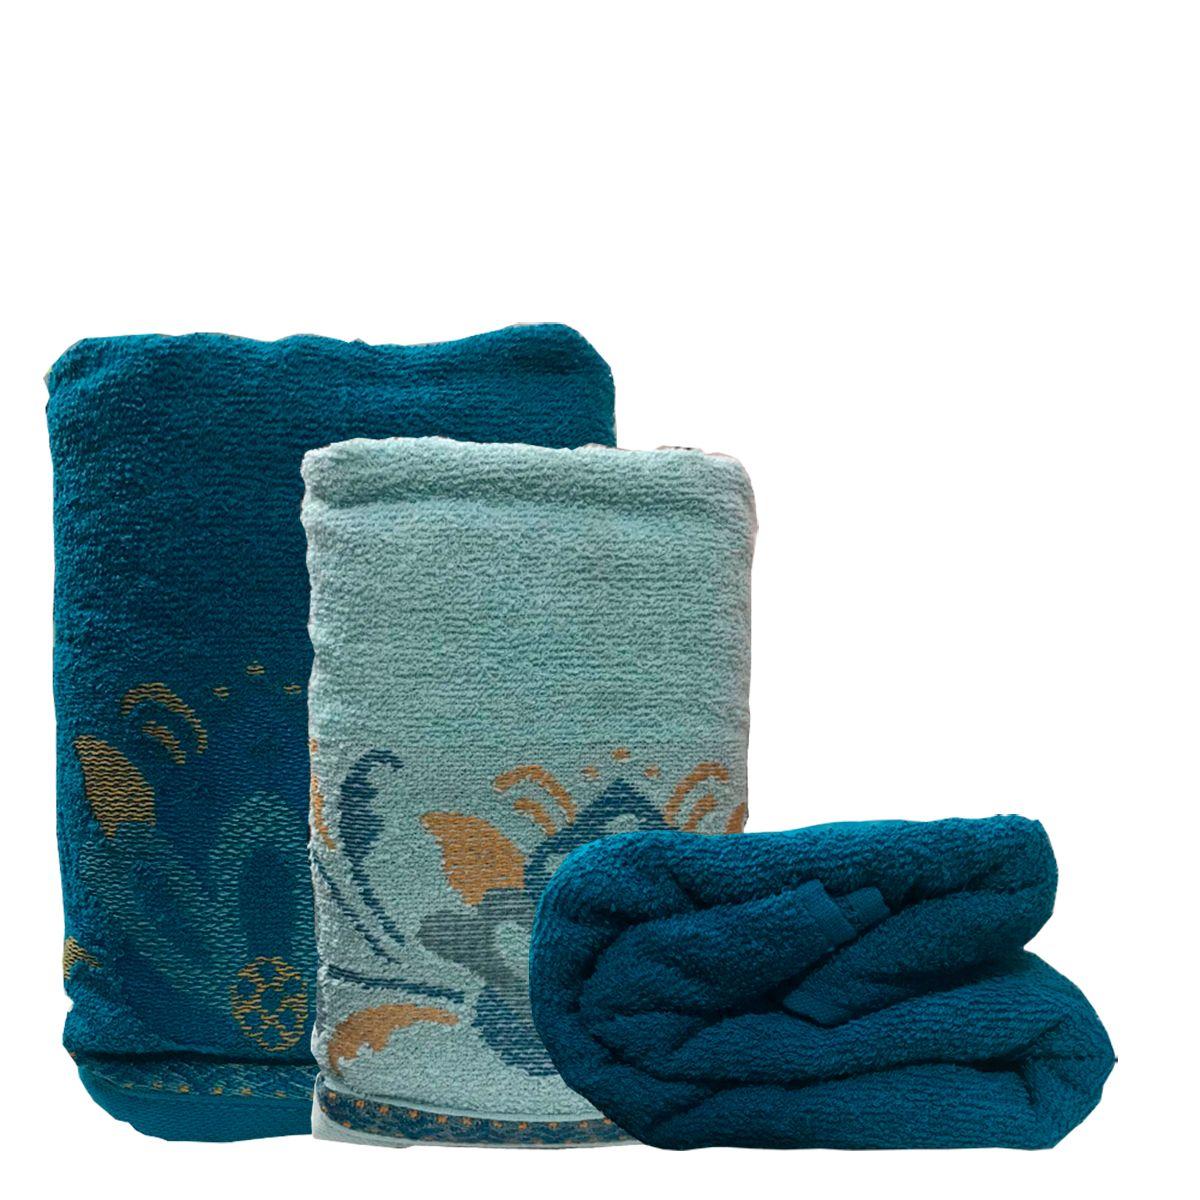 Jogo de Toalhas Lotus Azul Petroleo + Jade 5 pçs